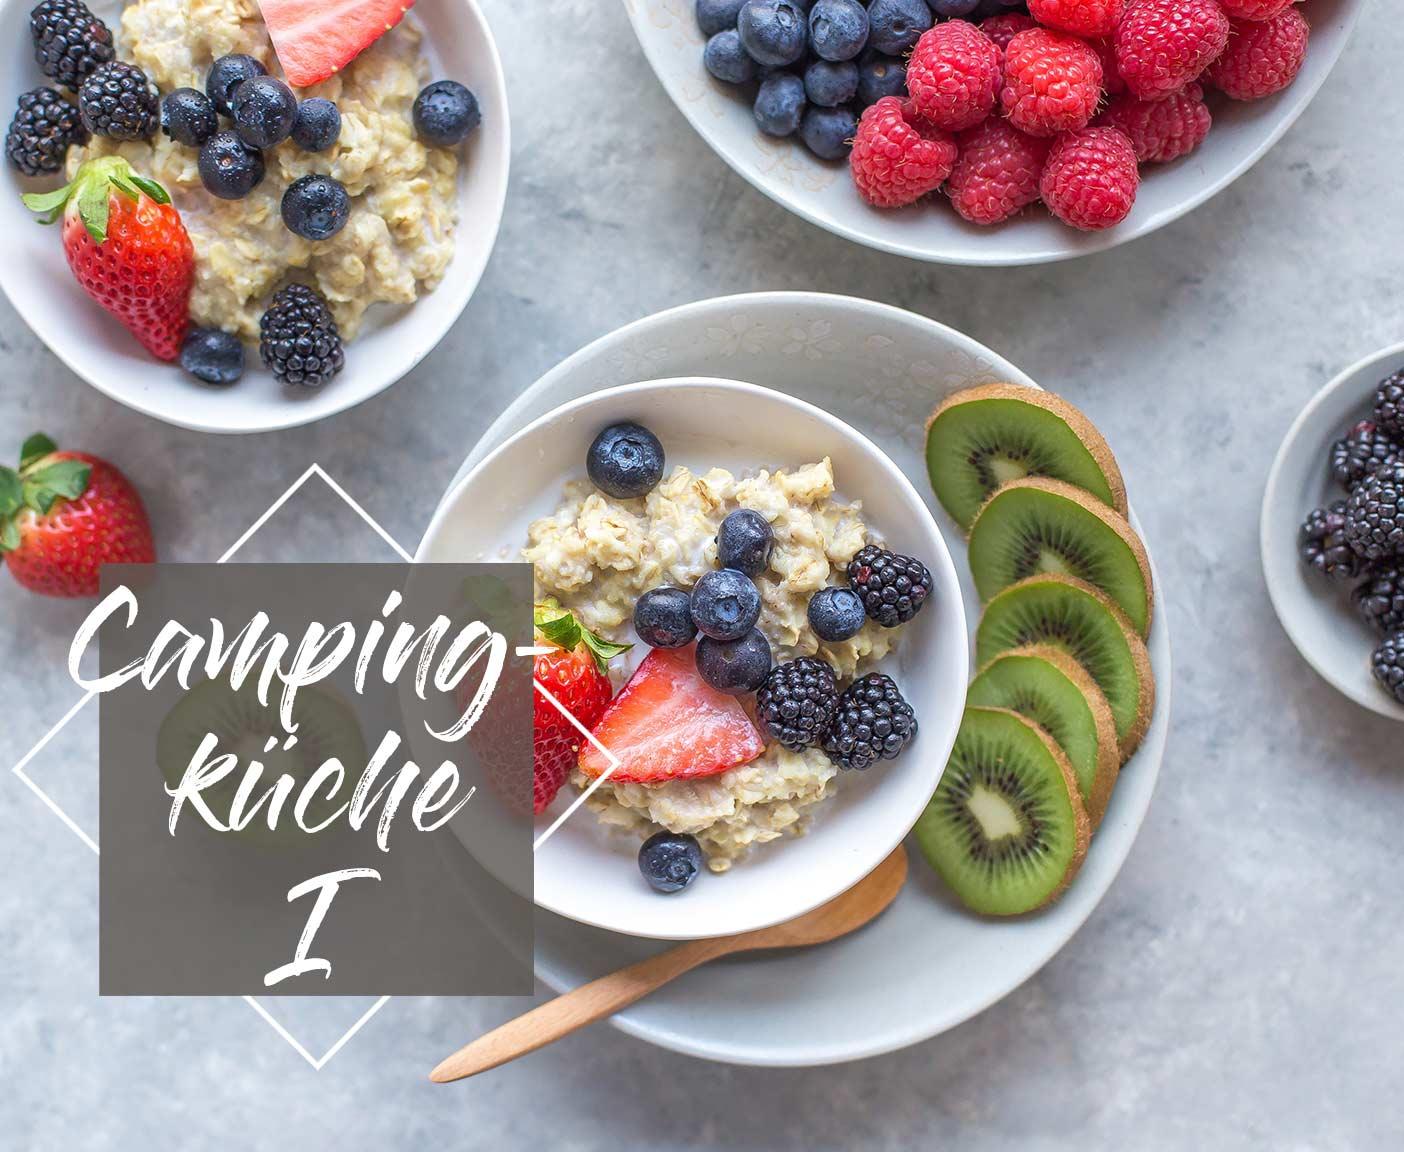 Camping-kueche-rezepte-oat-meal-porridge-chia